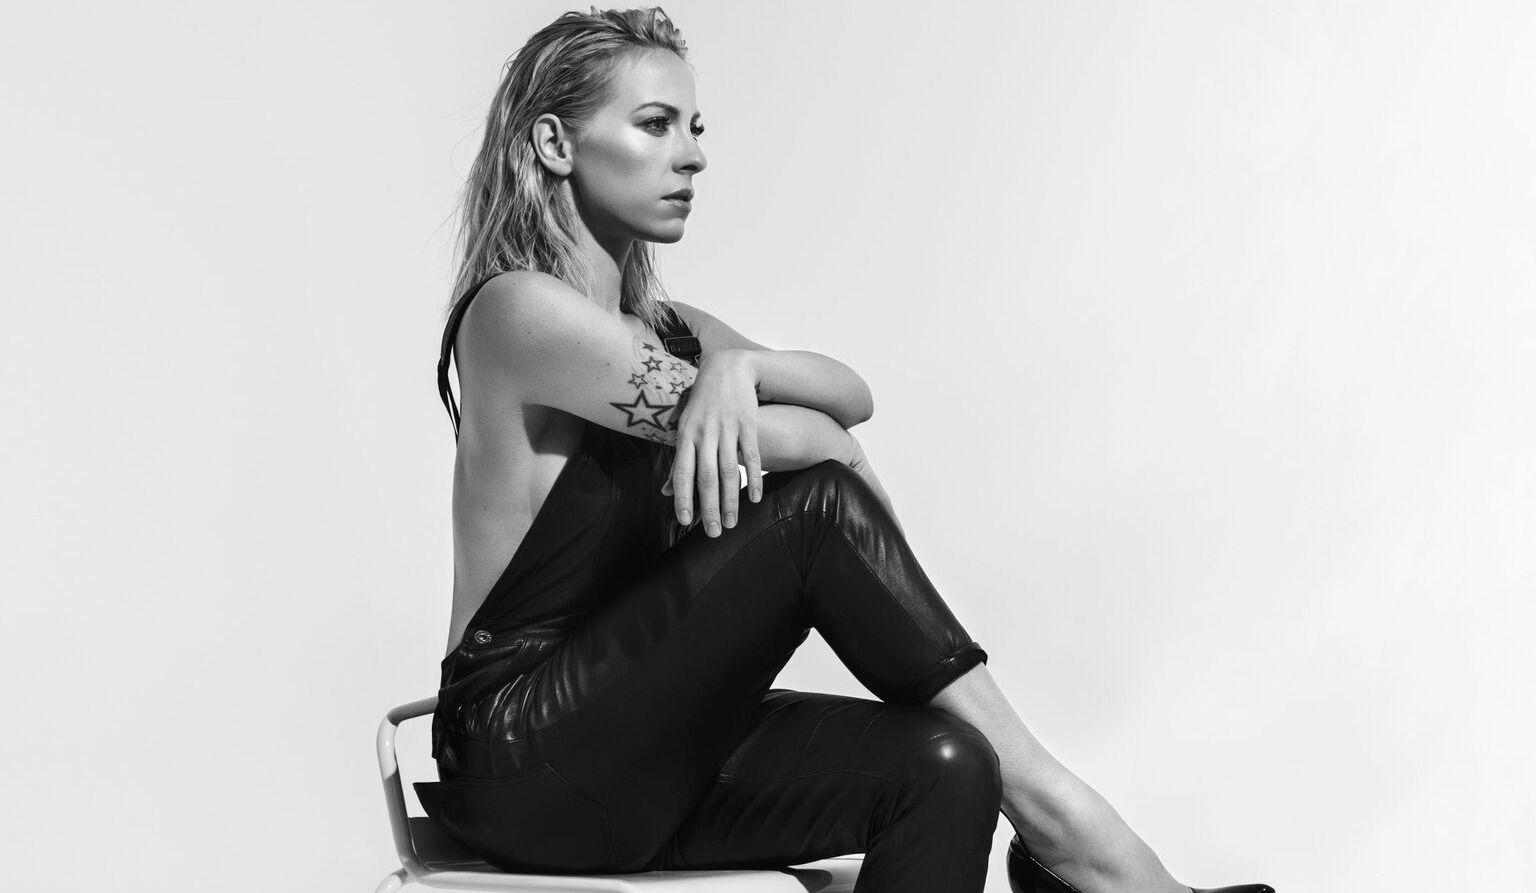 Marie-Mai annonce une nouvelle chanson et deux concerts